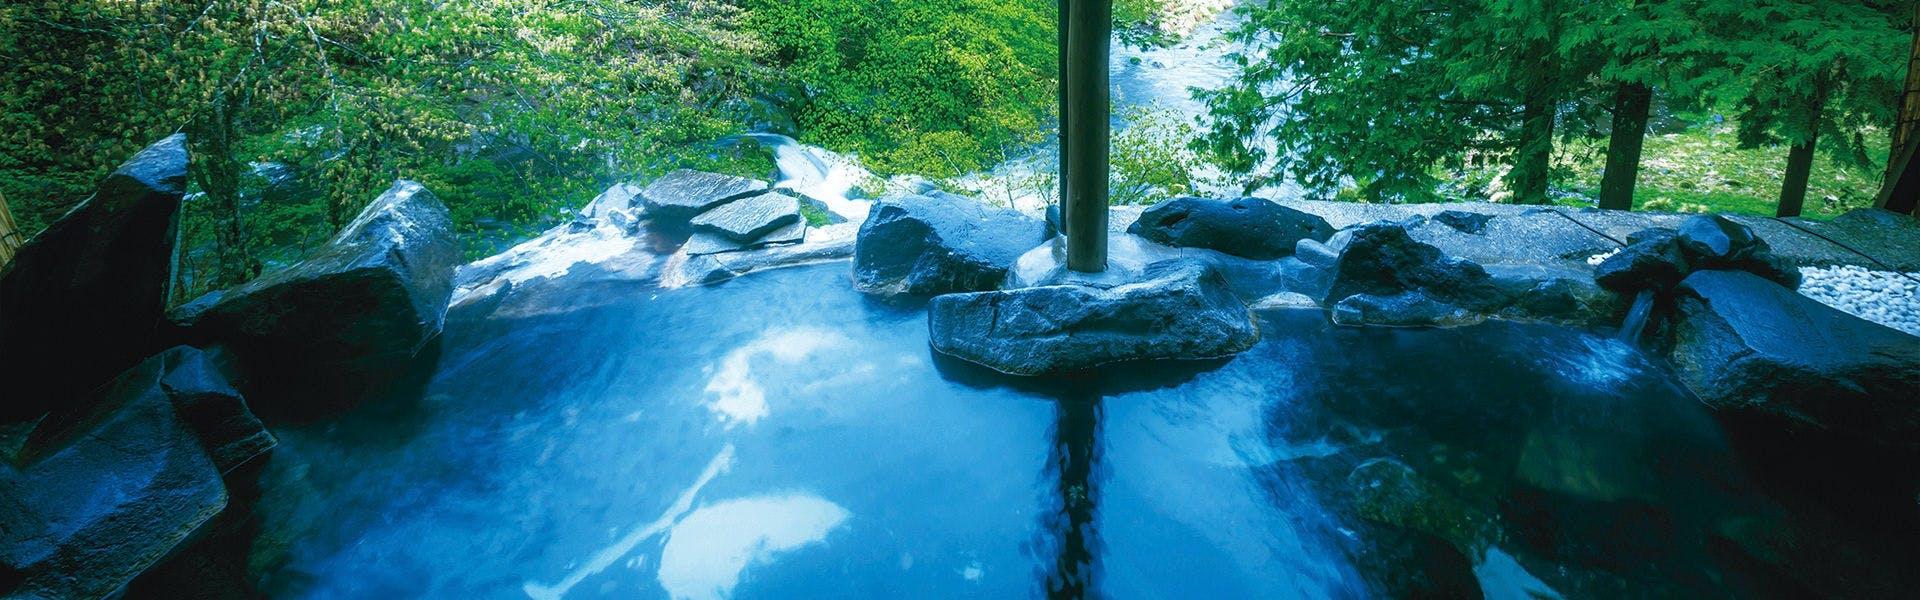 記念日におすすめのホテル・創業大正十五年 蓼科 親湯温泉の写真2